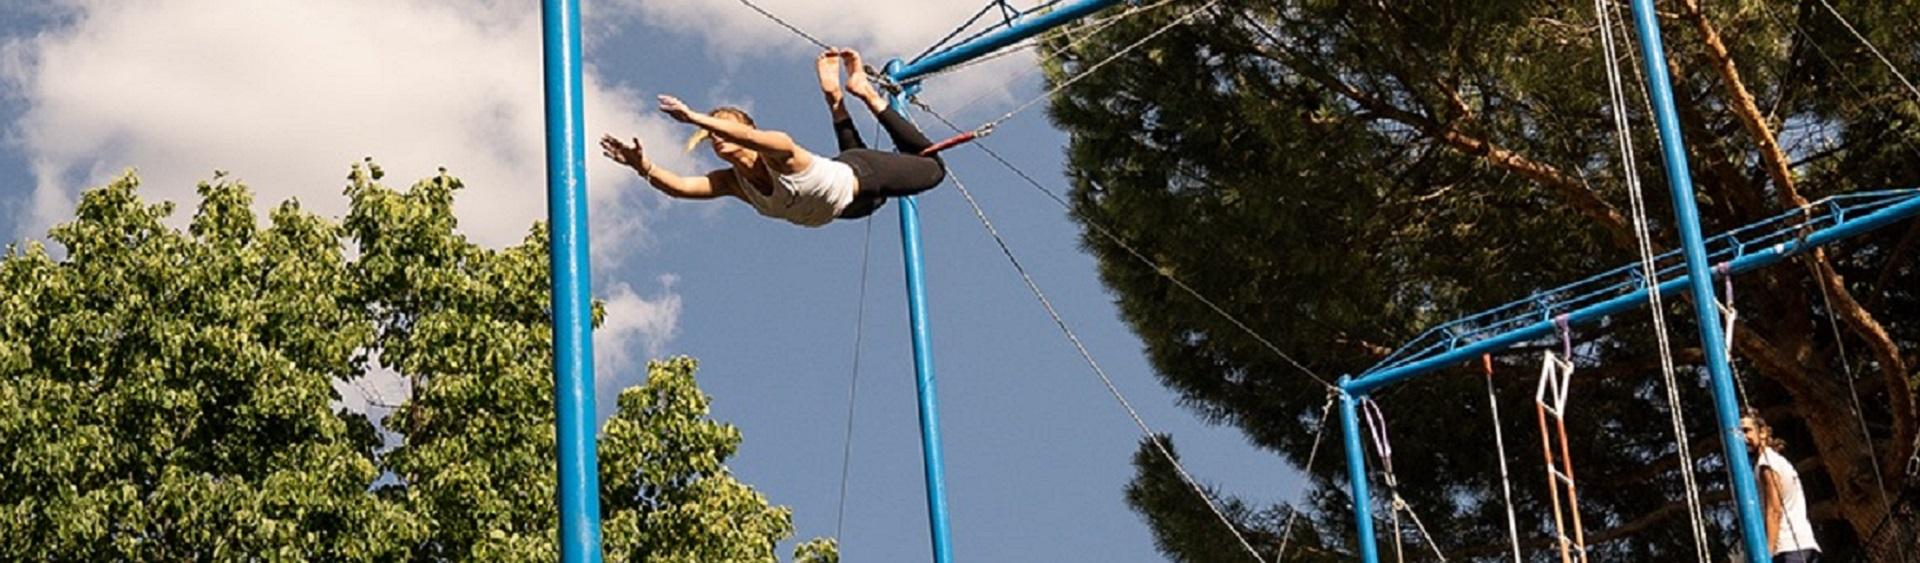 trapecio volante que se puede practicar en el club deportivo somontes